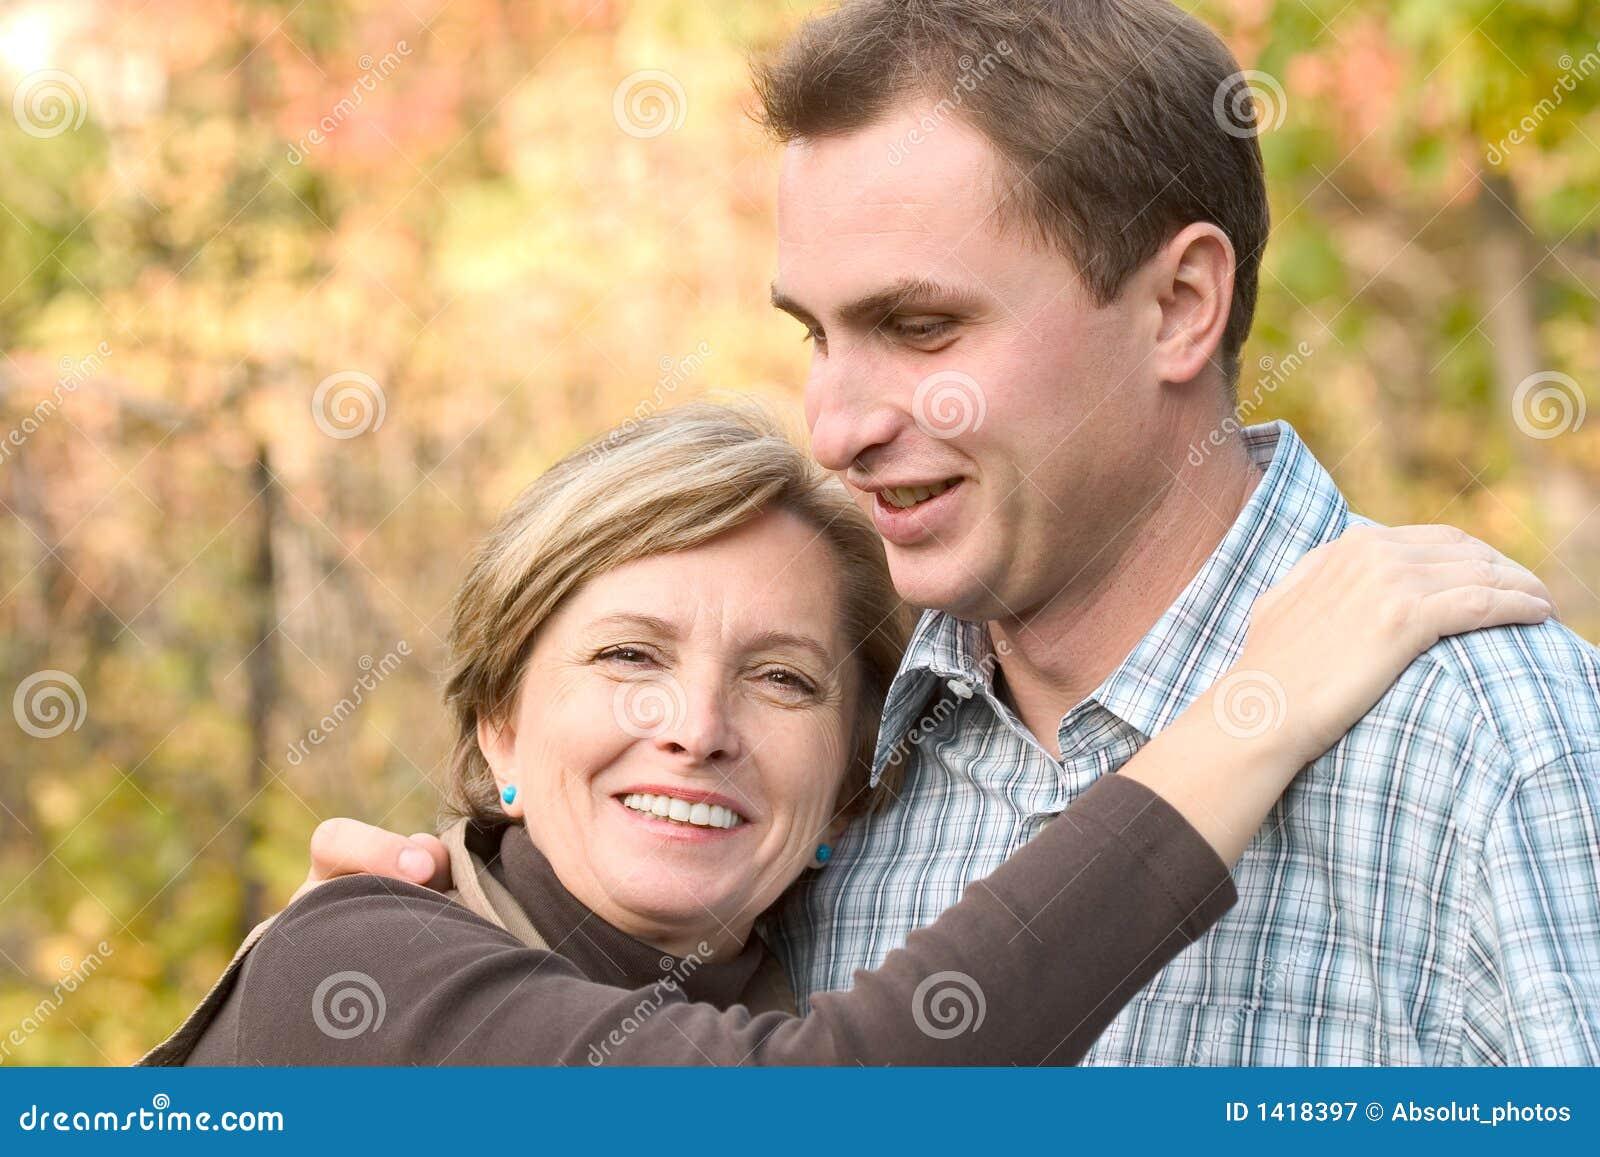 Фото мама и друг сын, Трахает мать друга (19 фото) 24 фотография